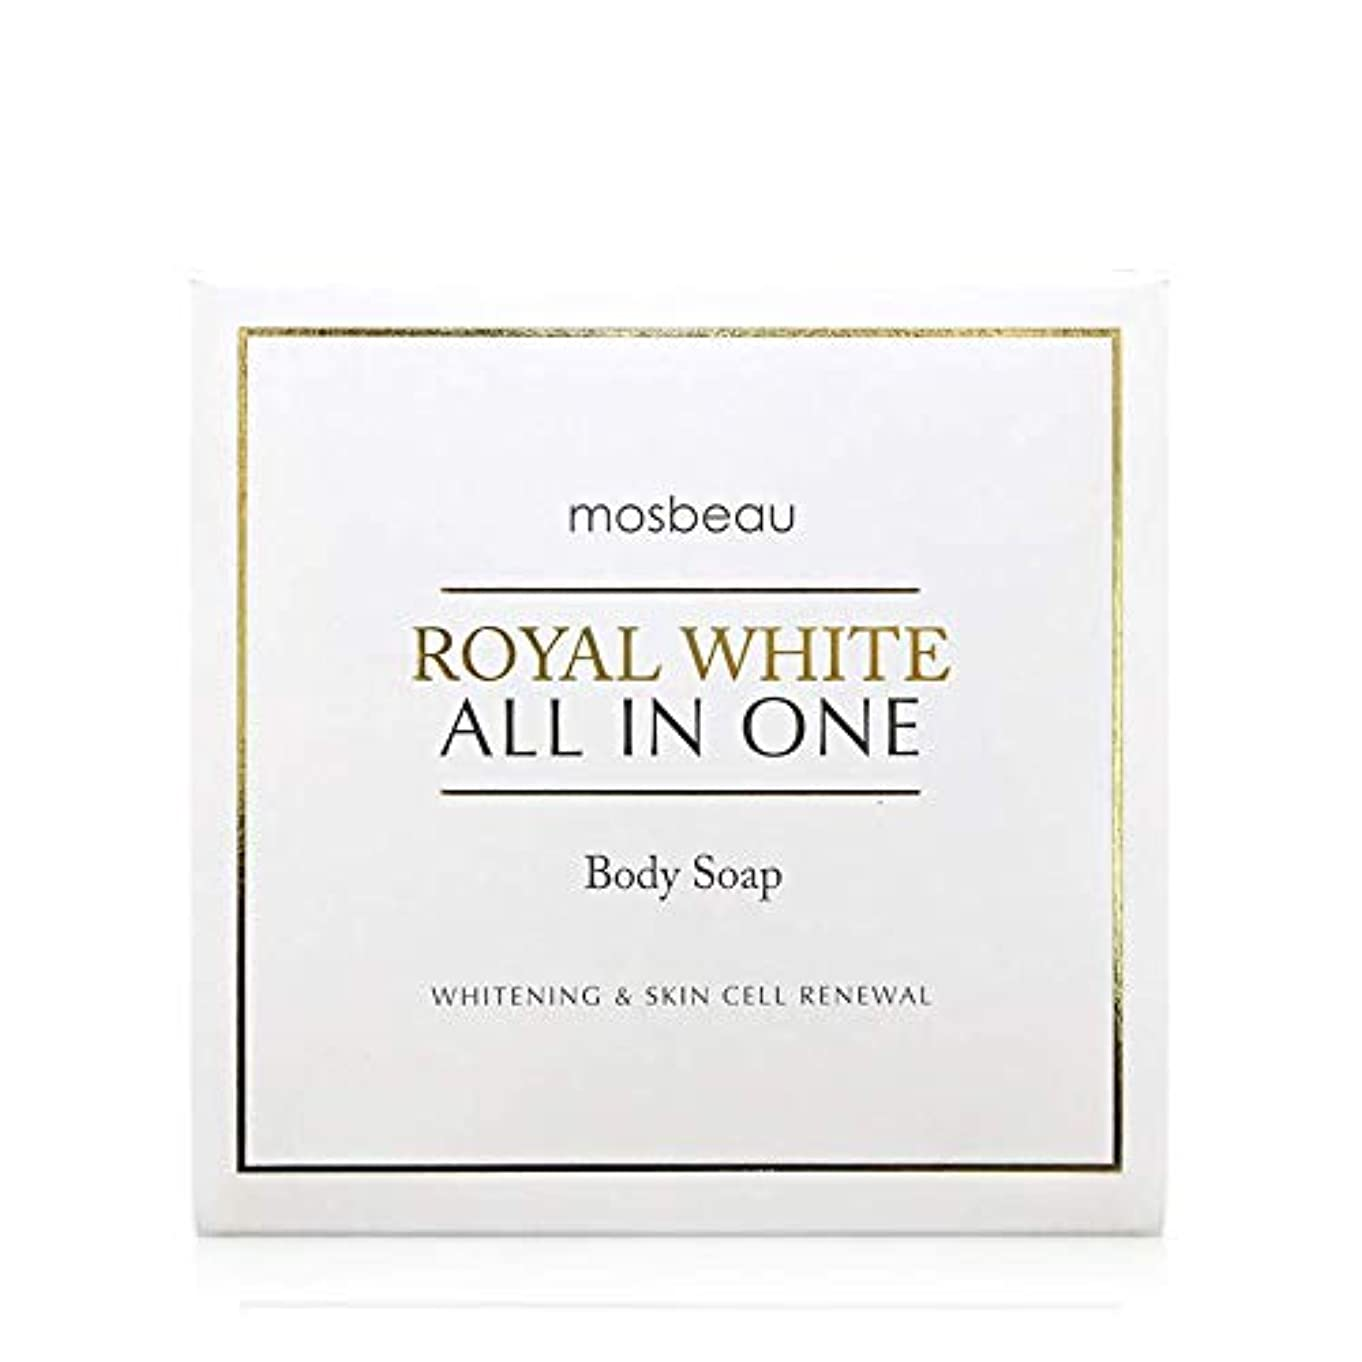 ドライブ提供する地殻mosbeau ROYAL WHITE ALL-IN-ONE BODY SOAP 100g ロィヤルホワイトオールインワンボディーソープ